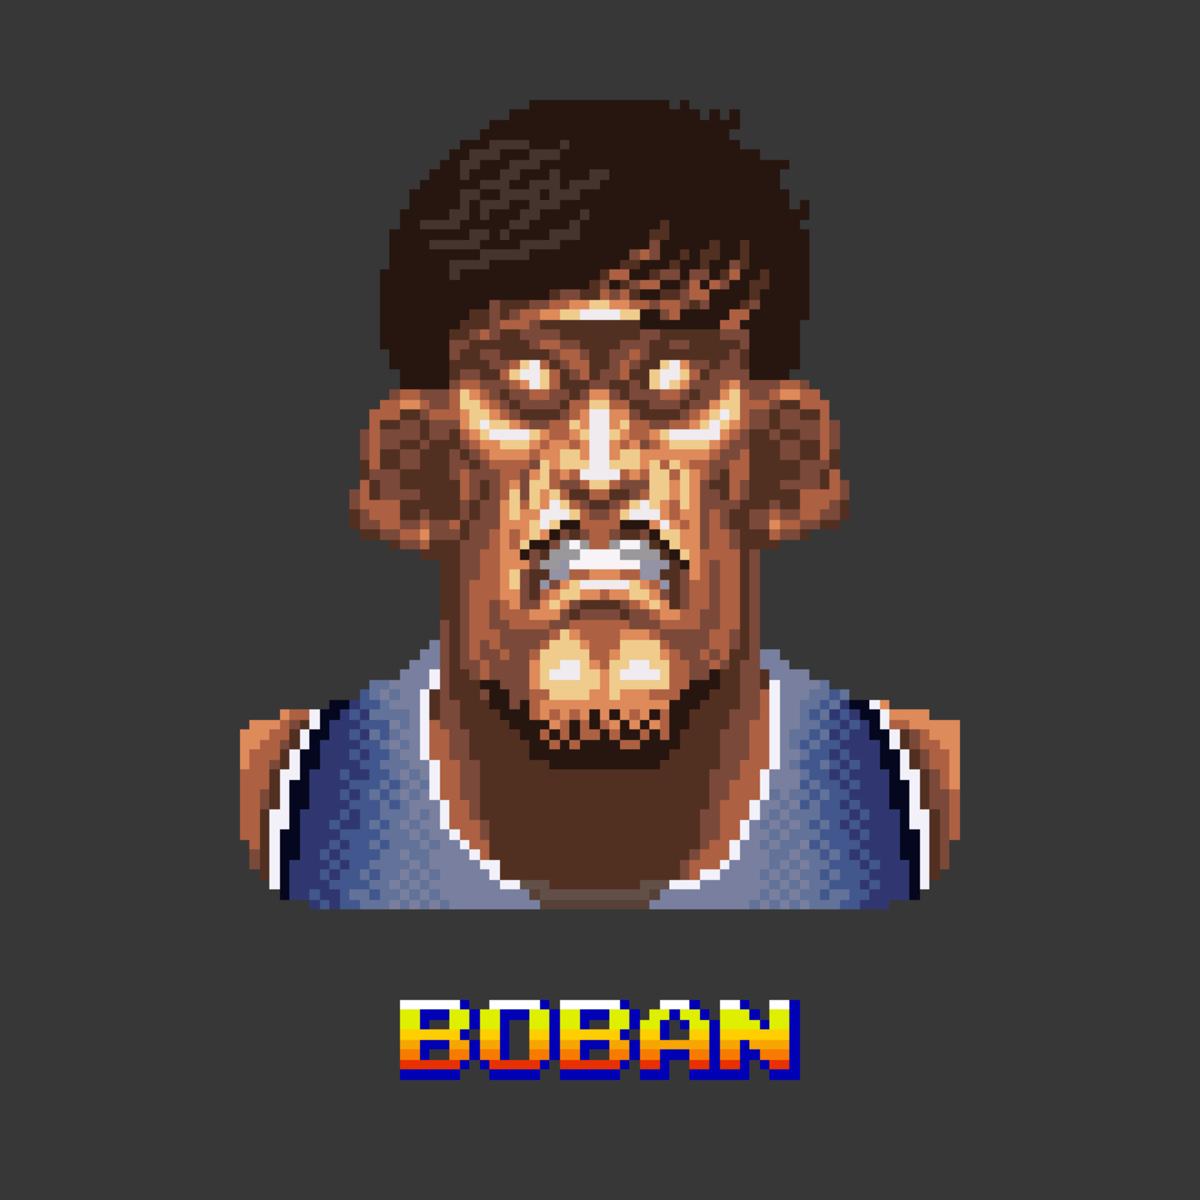 BobanSF